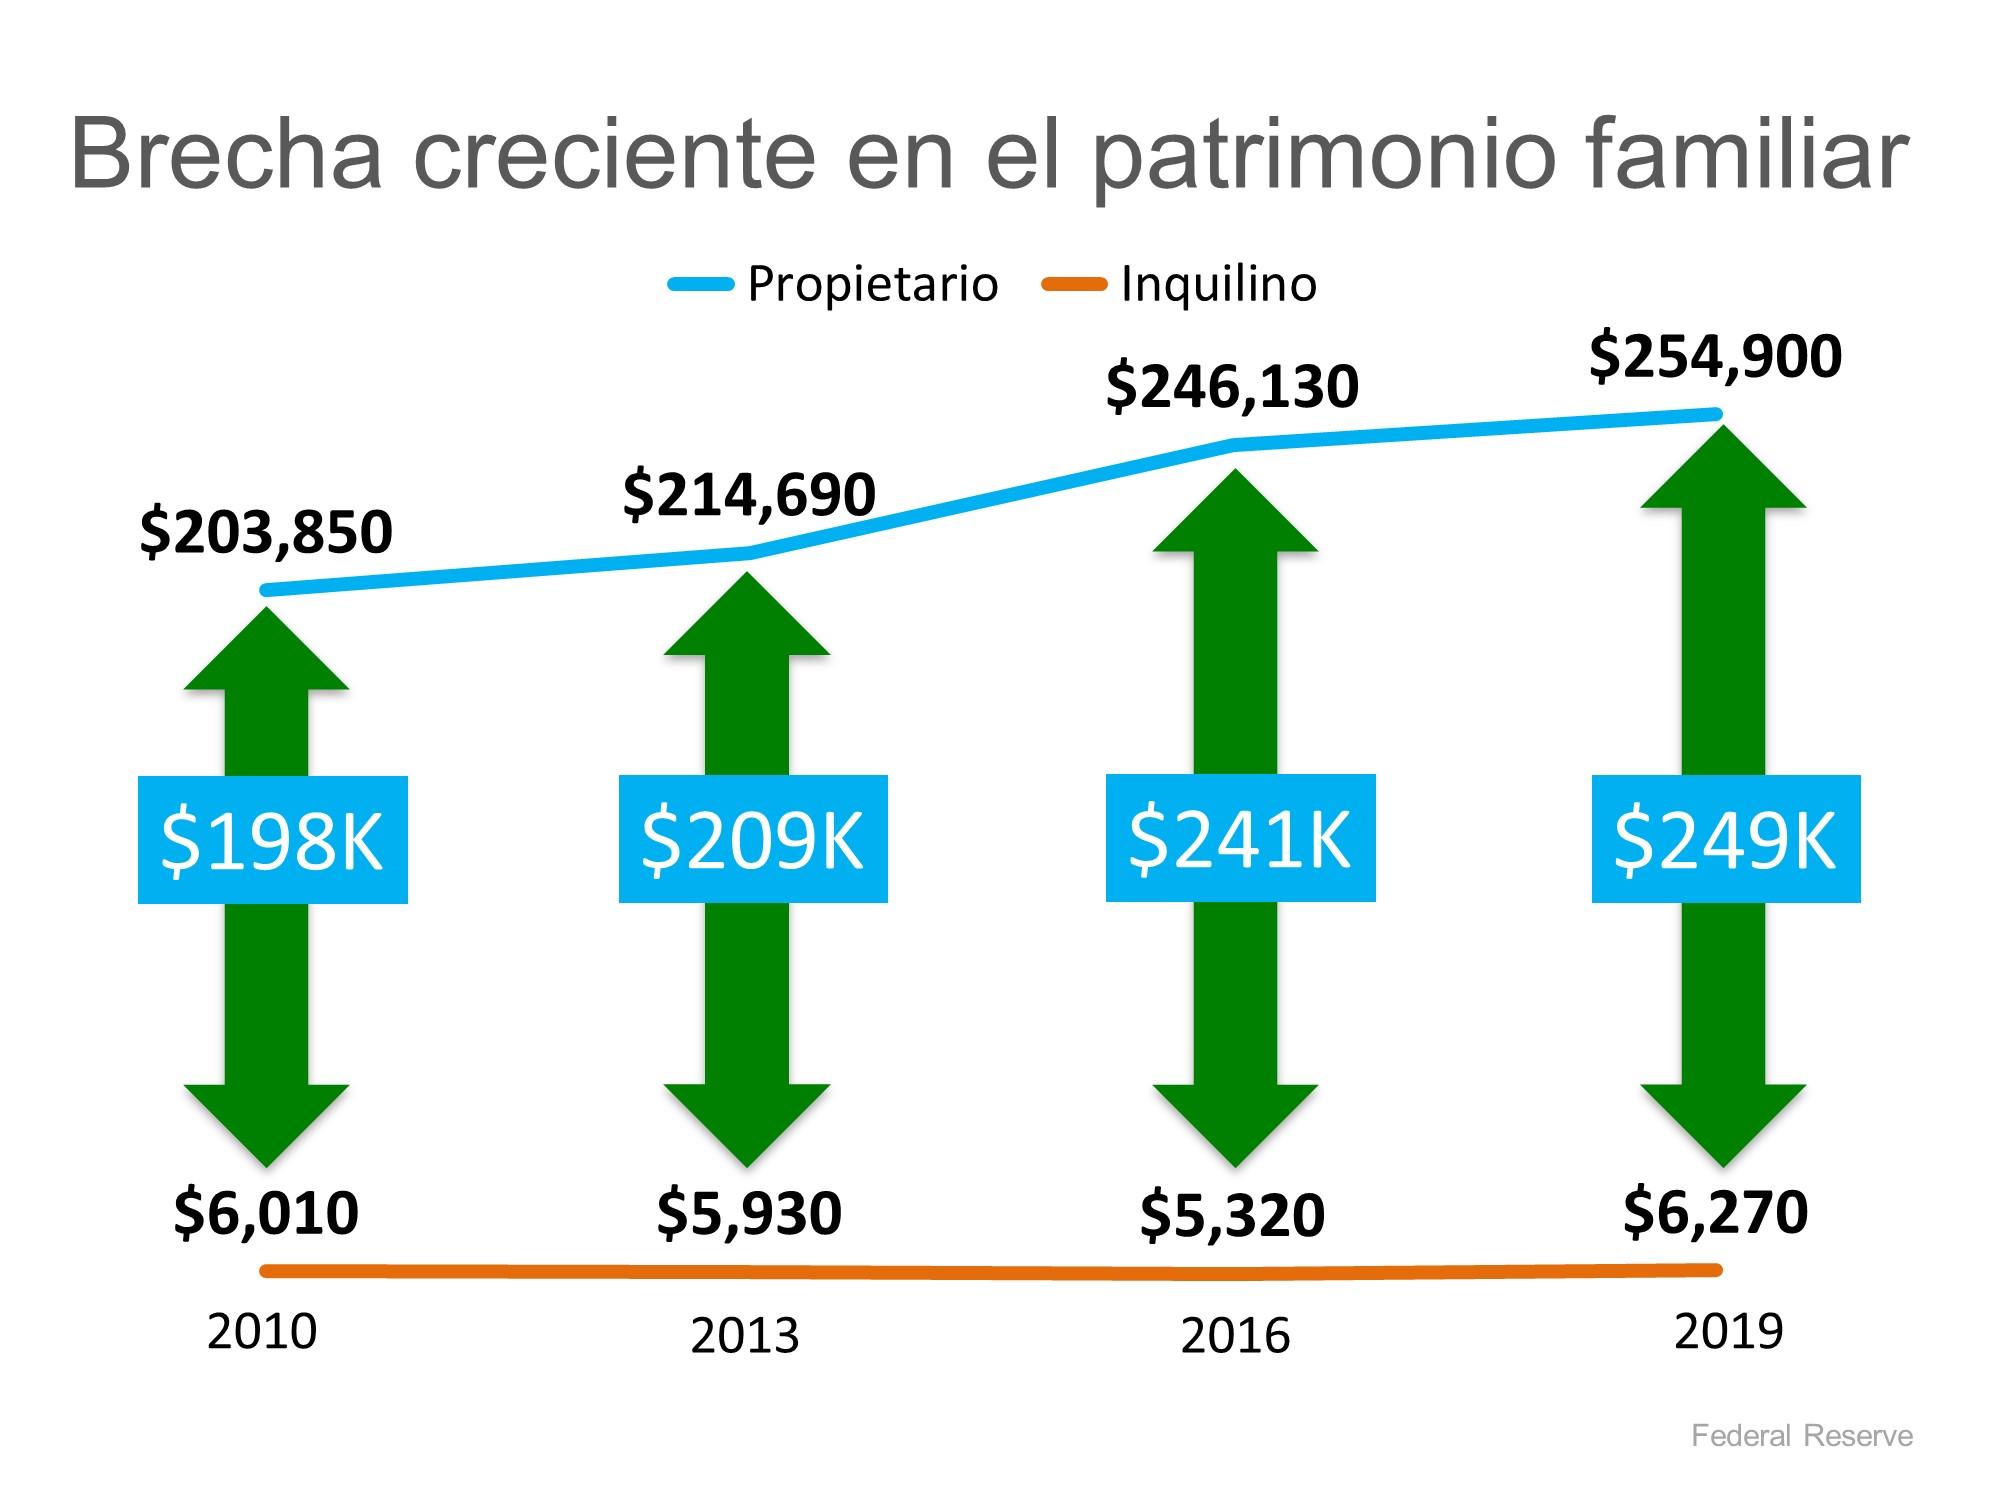 El patrimonio neto de un propietario de casa es 40 veces mayor que el de un inquilino | Simplifying The Market